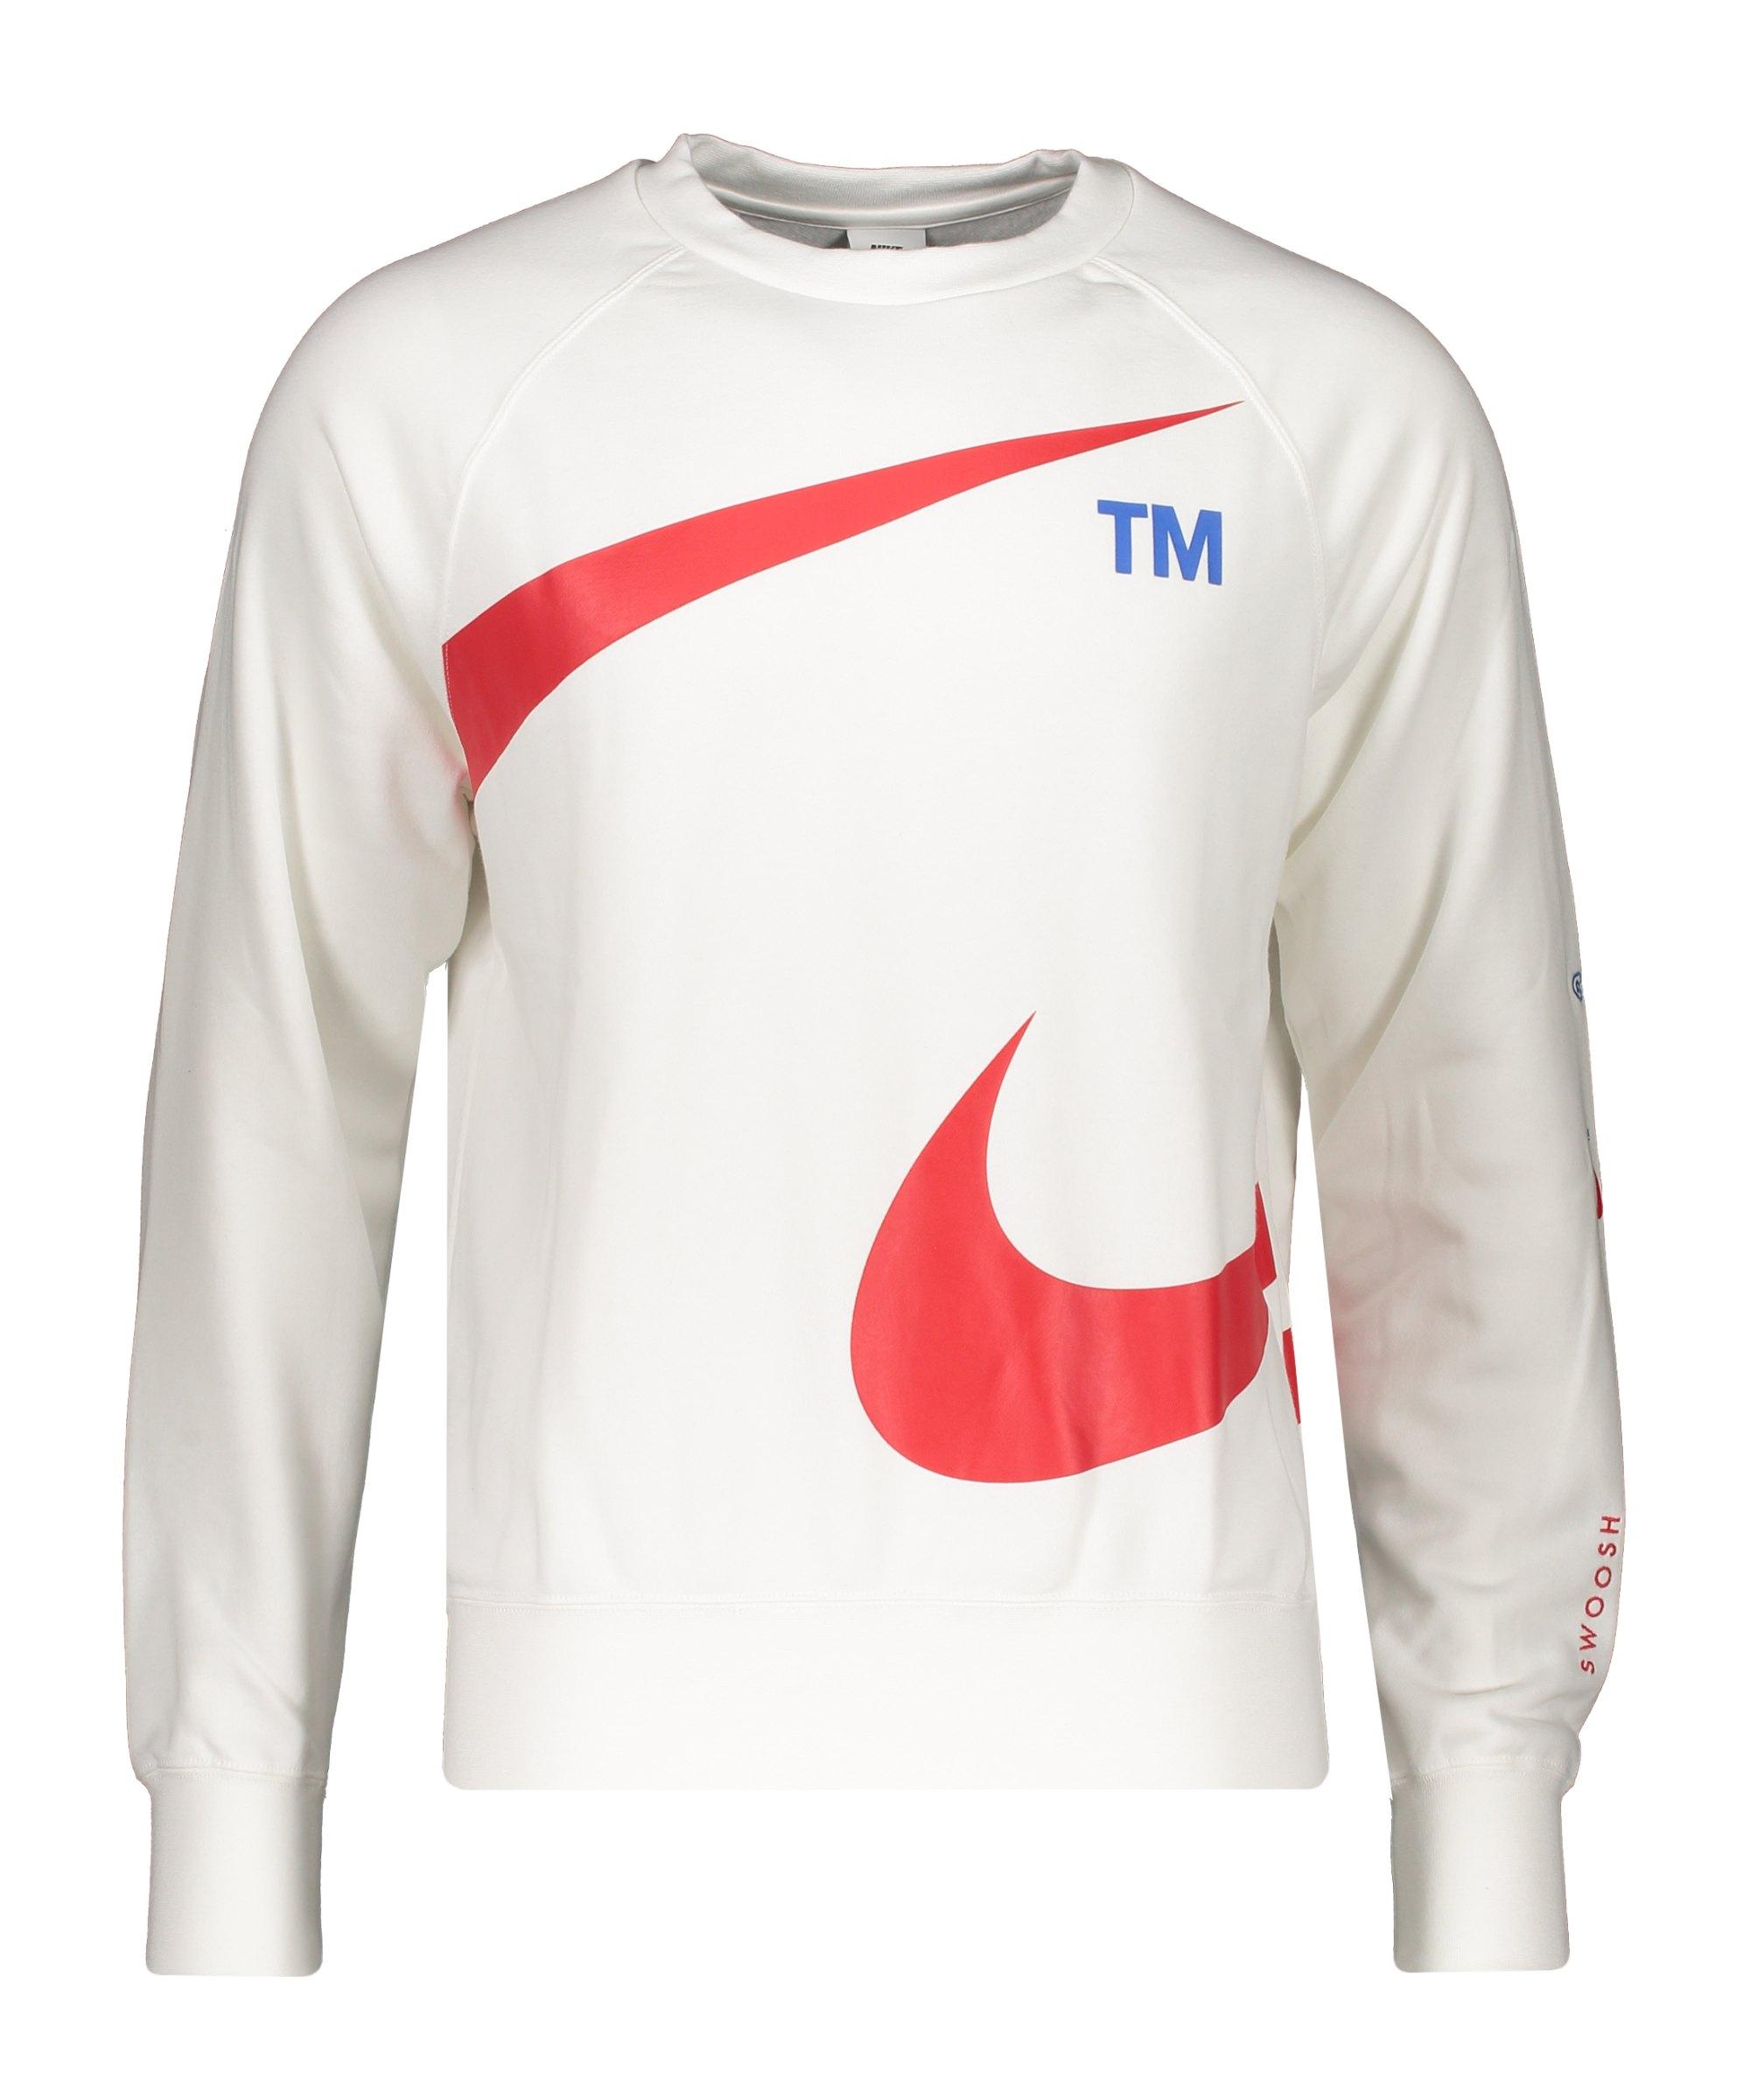 Nike Swoosh Fleece Sweatshirt Weiss Rot F100 - weiss